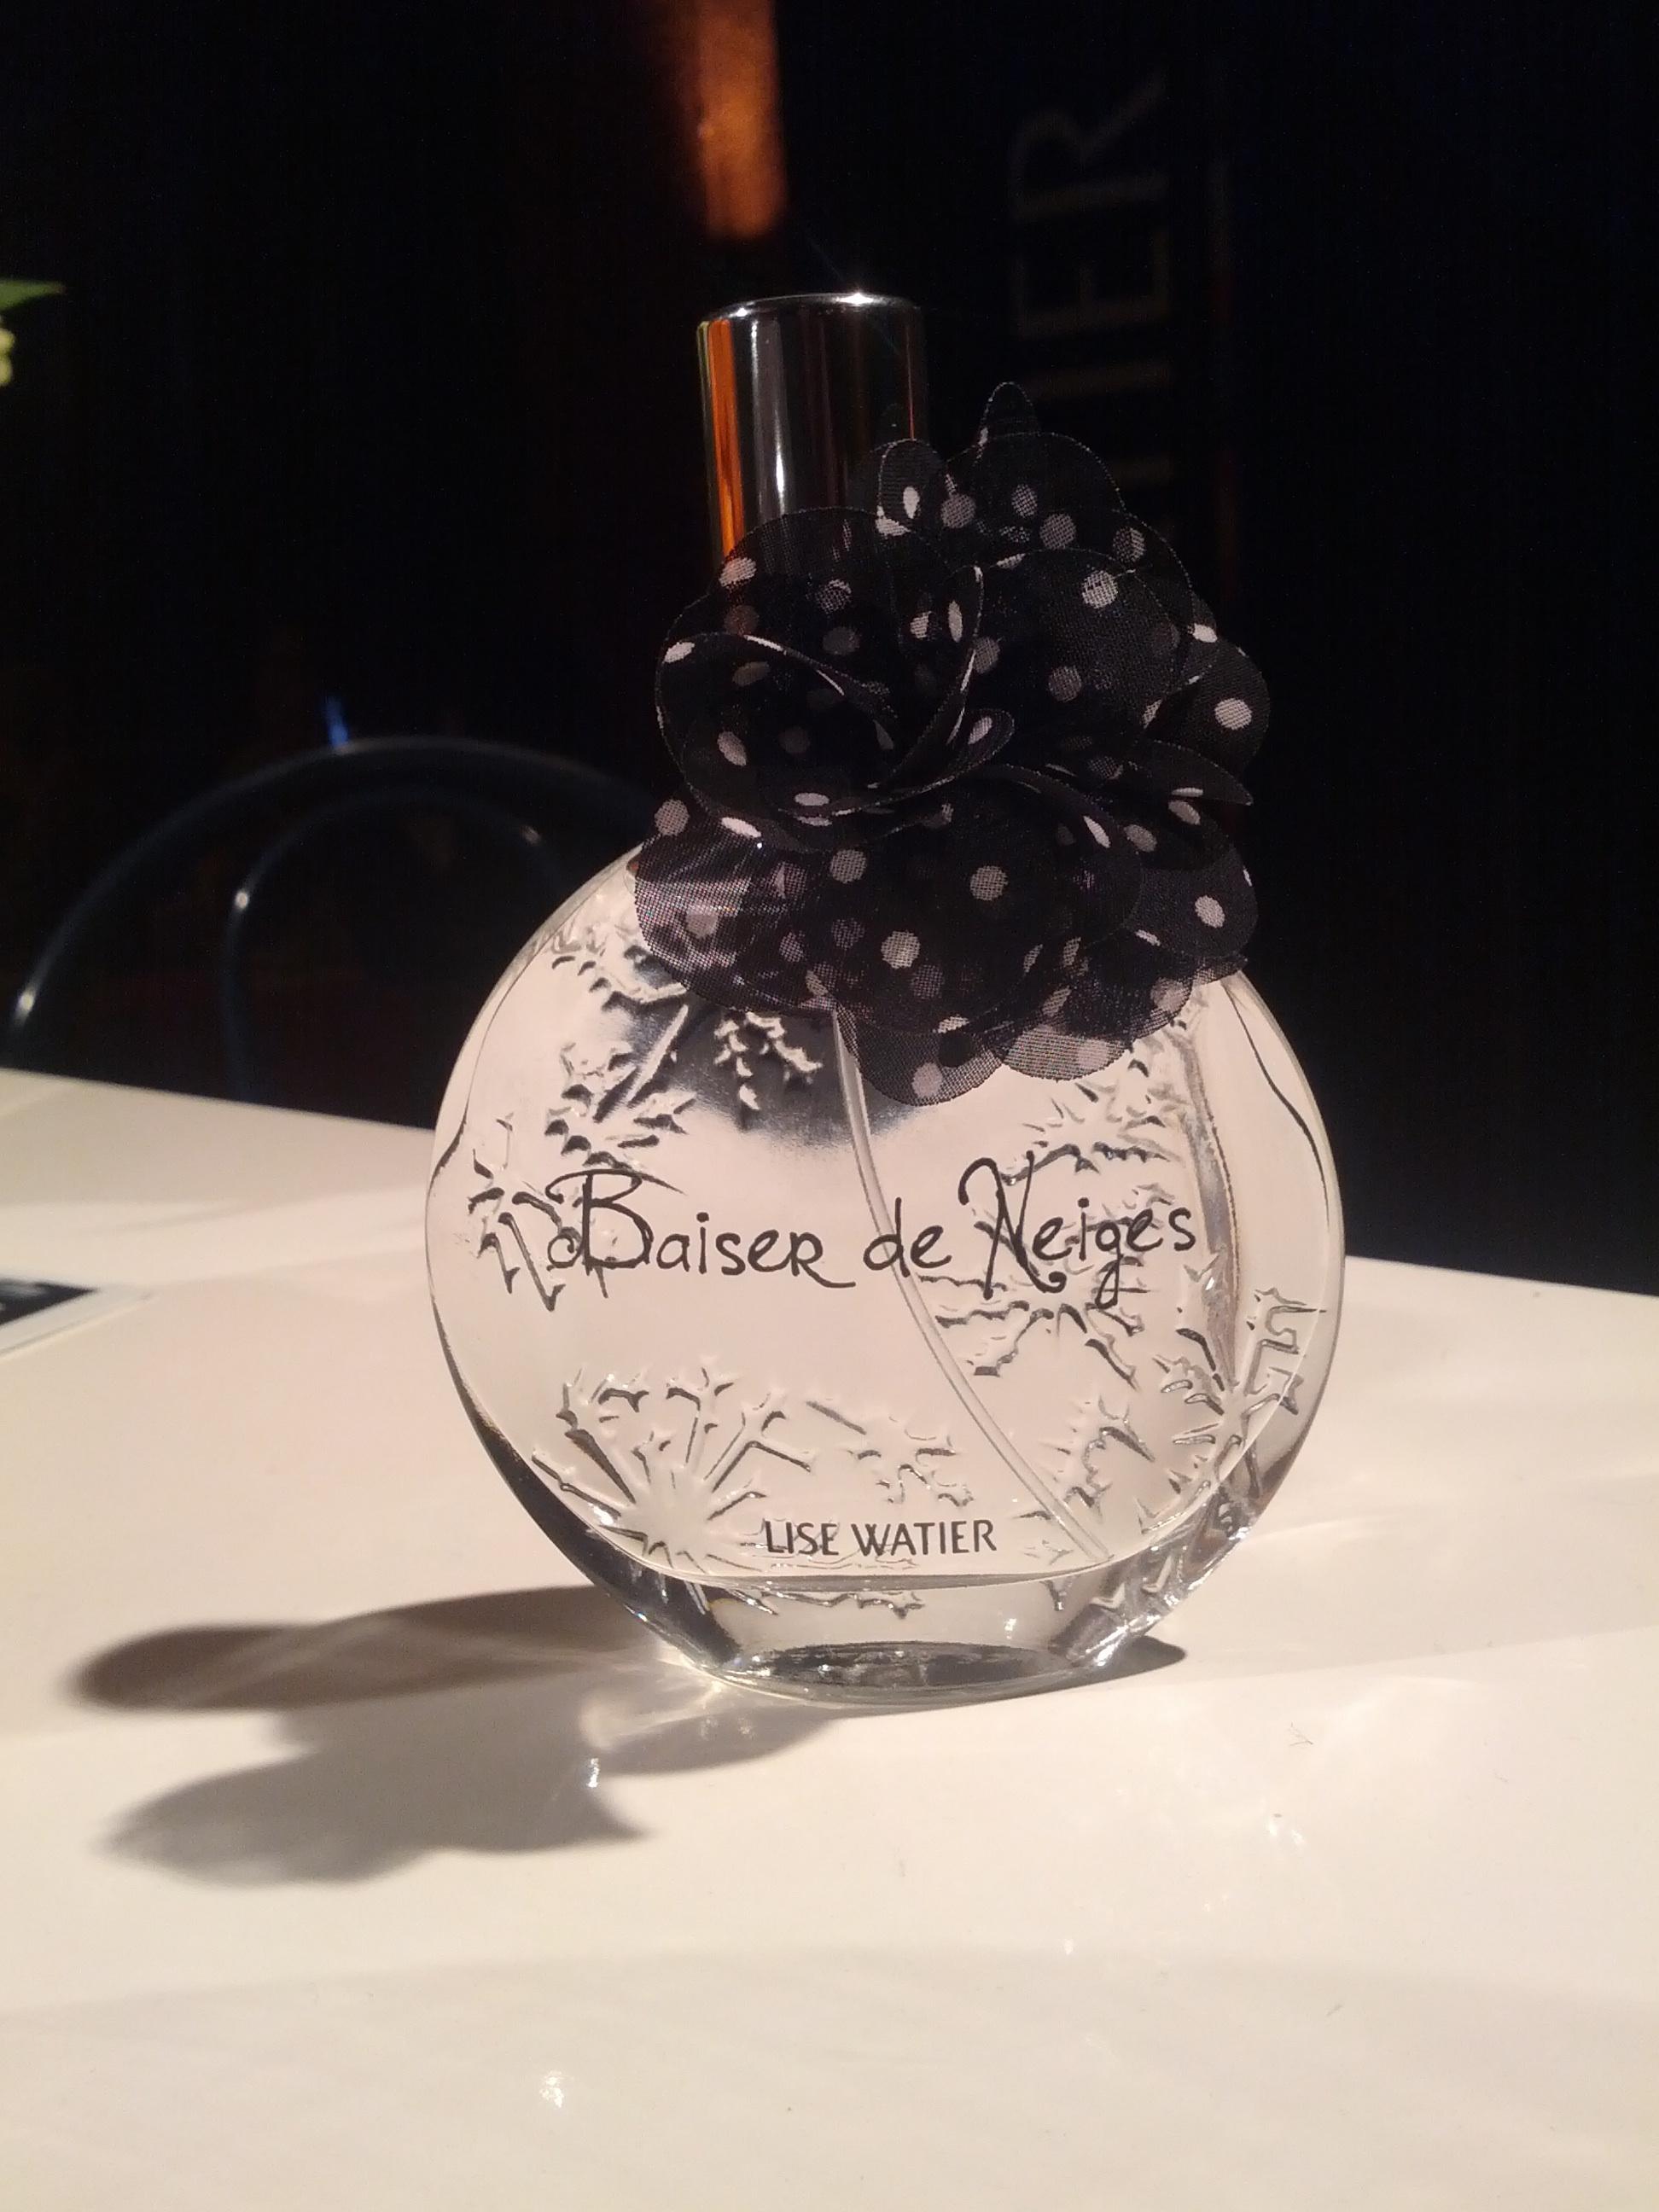 Super Watier Comparer Neige CherGriseBlanche Pas Parfum Lise cFJlK1